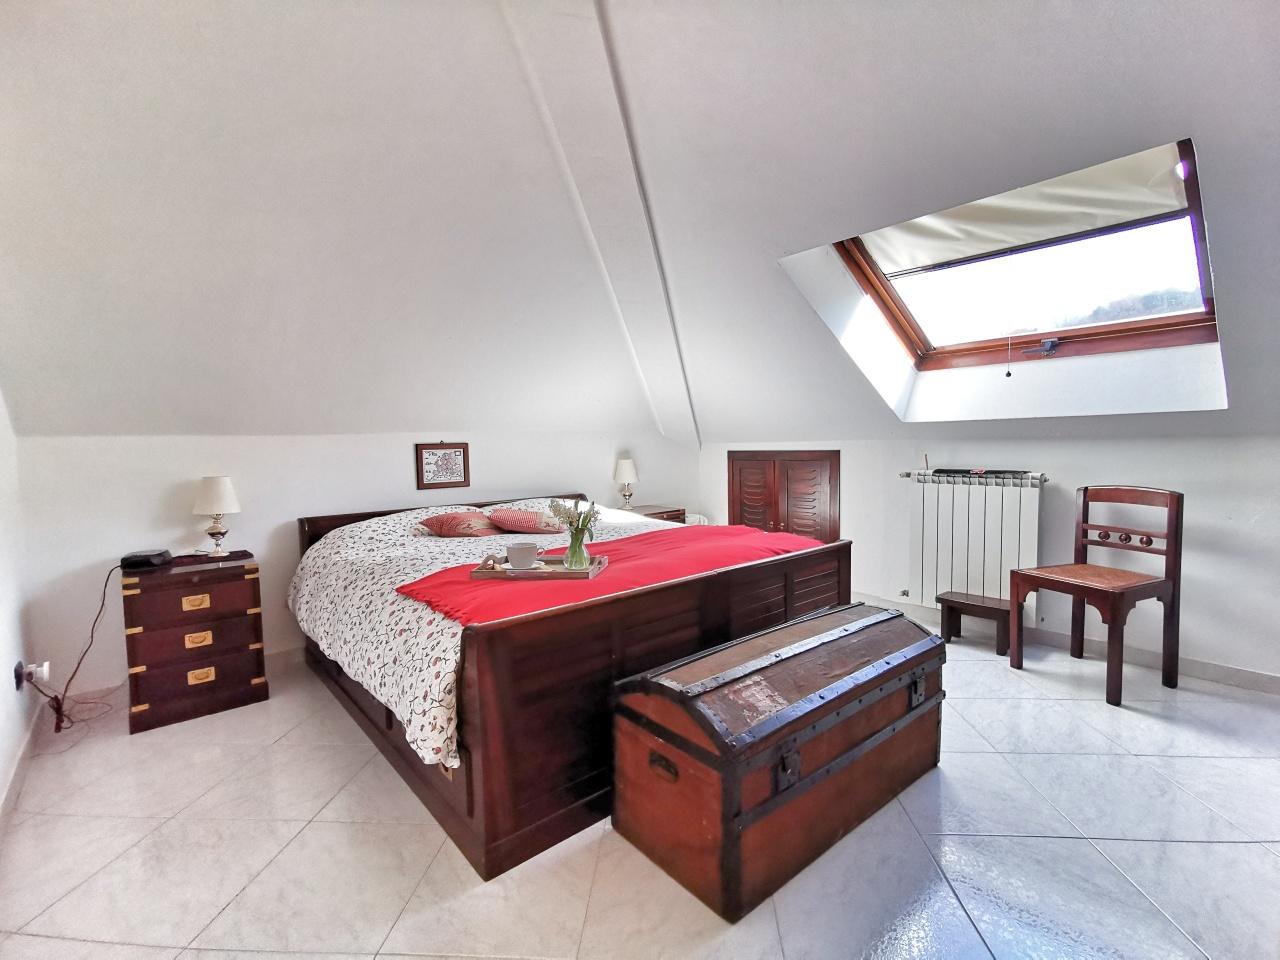 Appartamento in vendita a Vado Ligure, 3 locali, prezzo € 175.000 | PortaleAgenzieImmobiliari.it